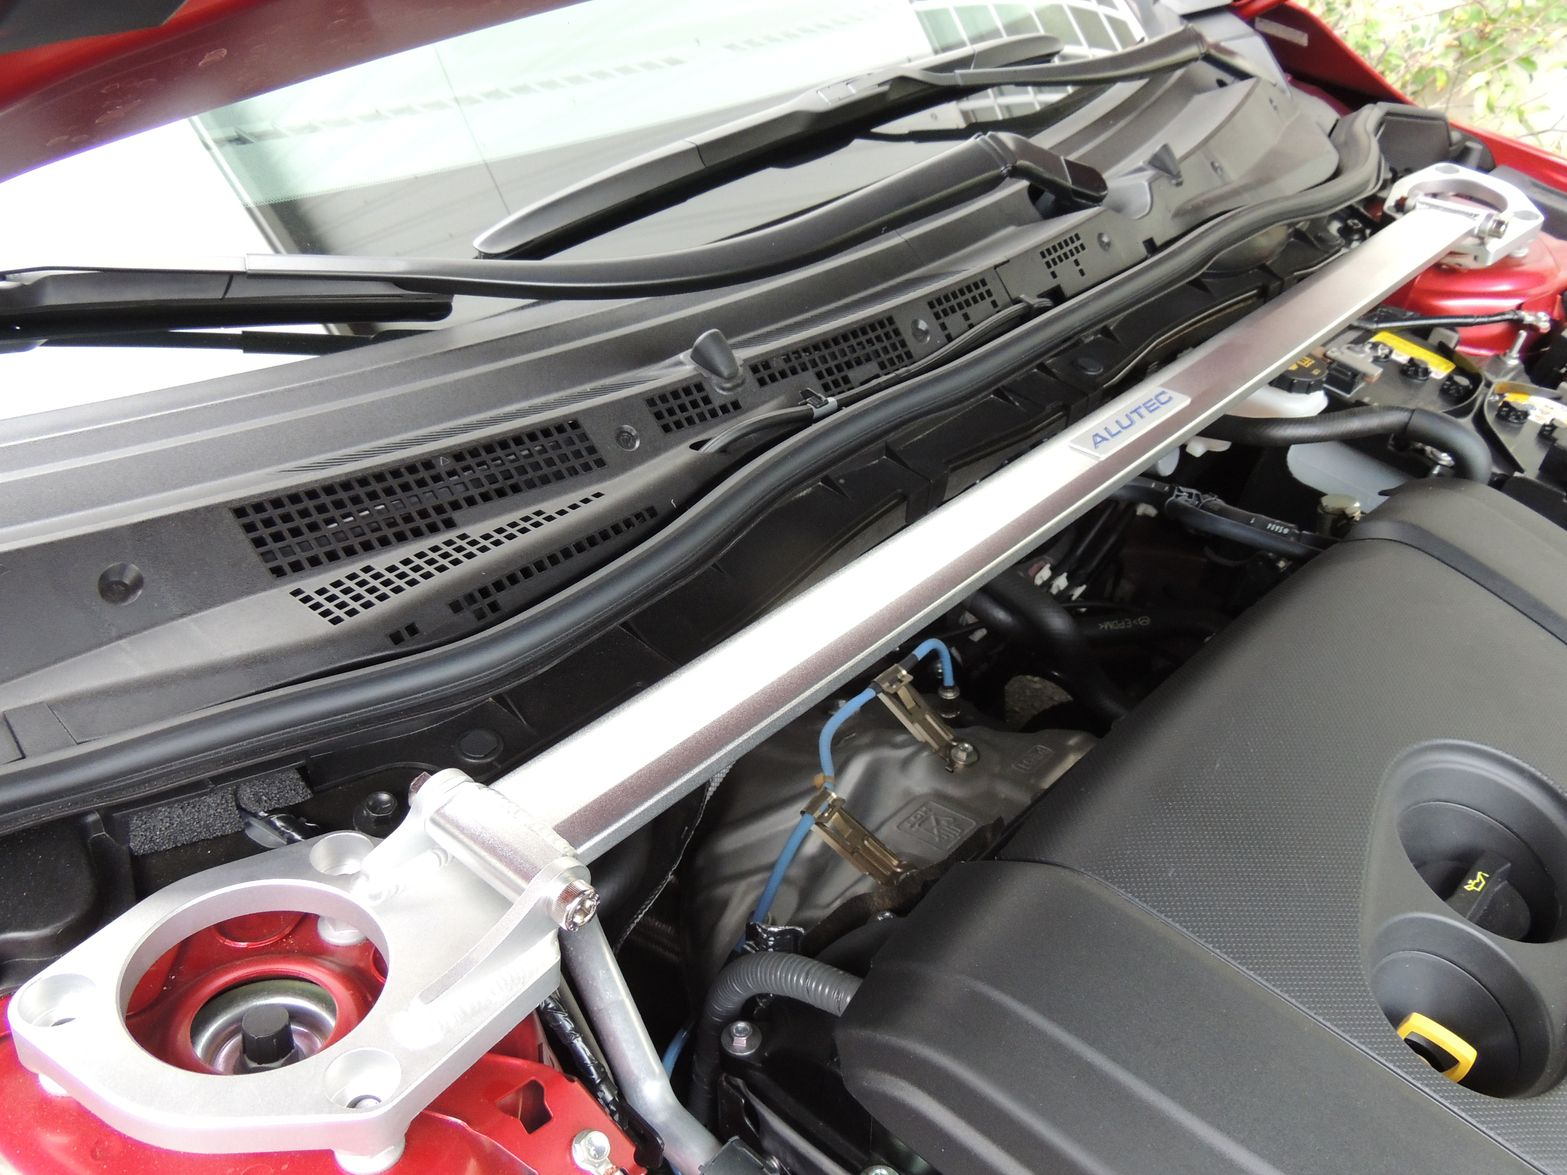 MAZDA 汽車引擎室拉桿 for 2014 MAZDA 6 (ALUTEC)